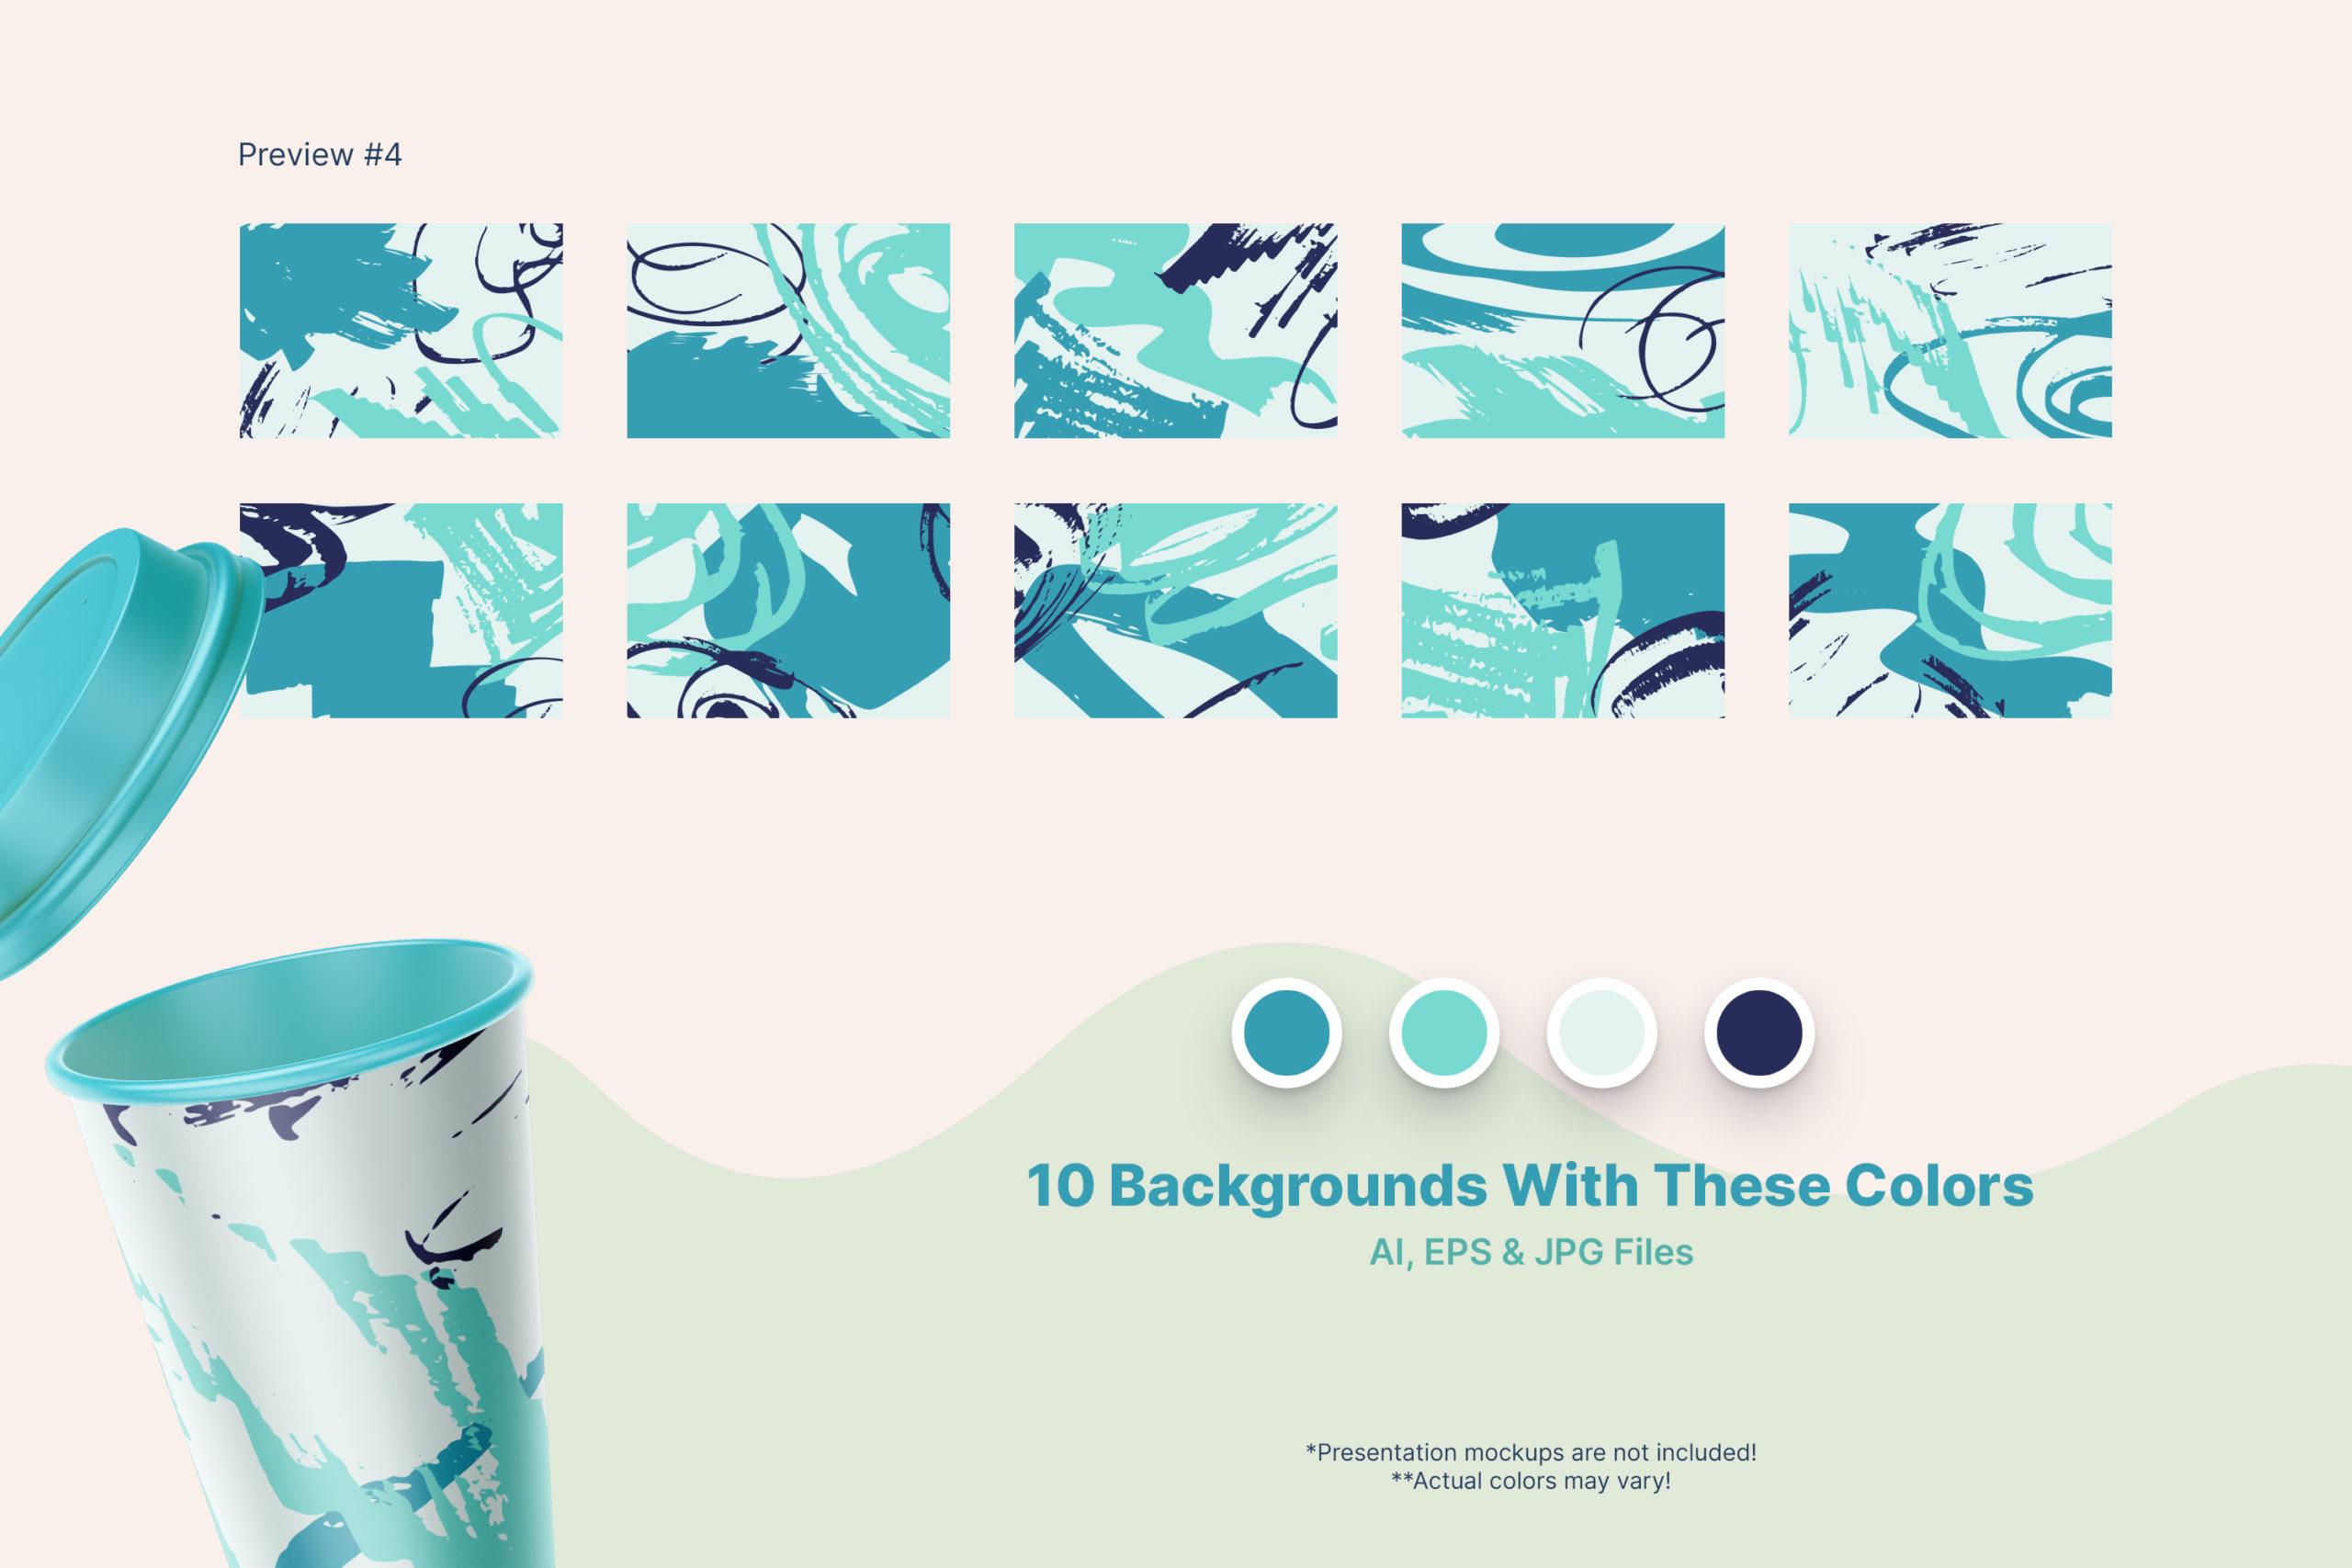 粗糙水墨毛笔笔触纹理海报设计背景图片矢量设计素材 Distressed Vector Backgrounds插图6